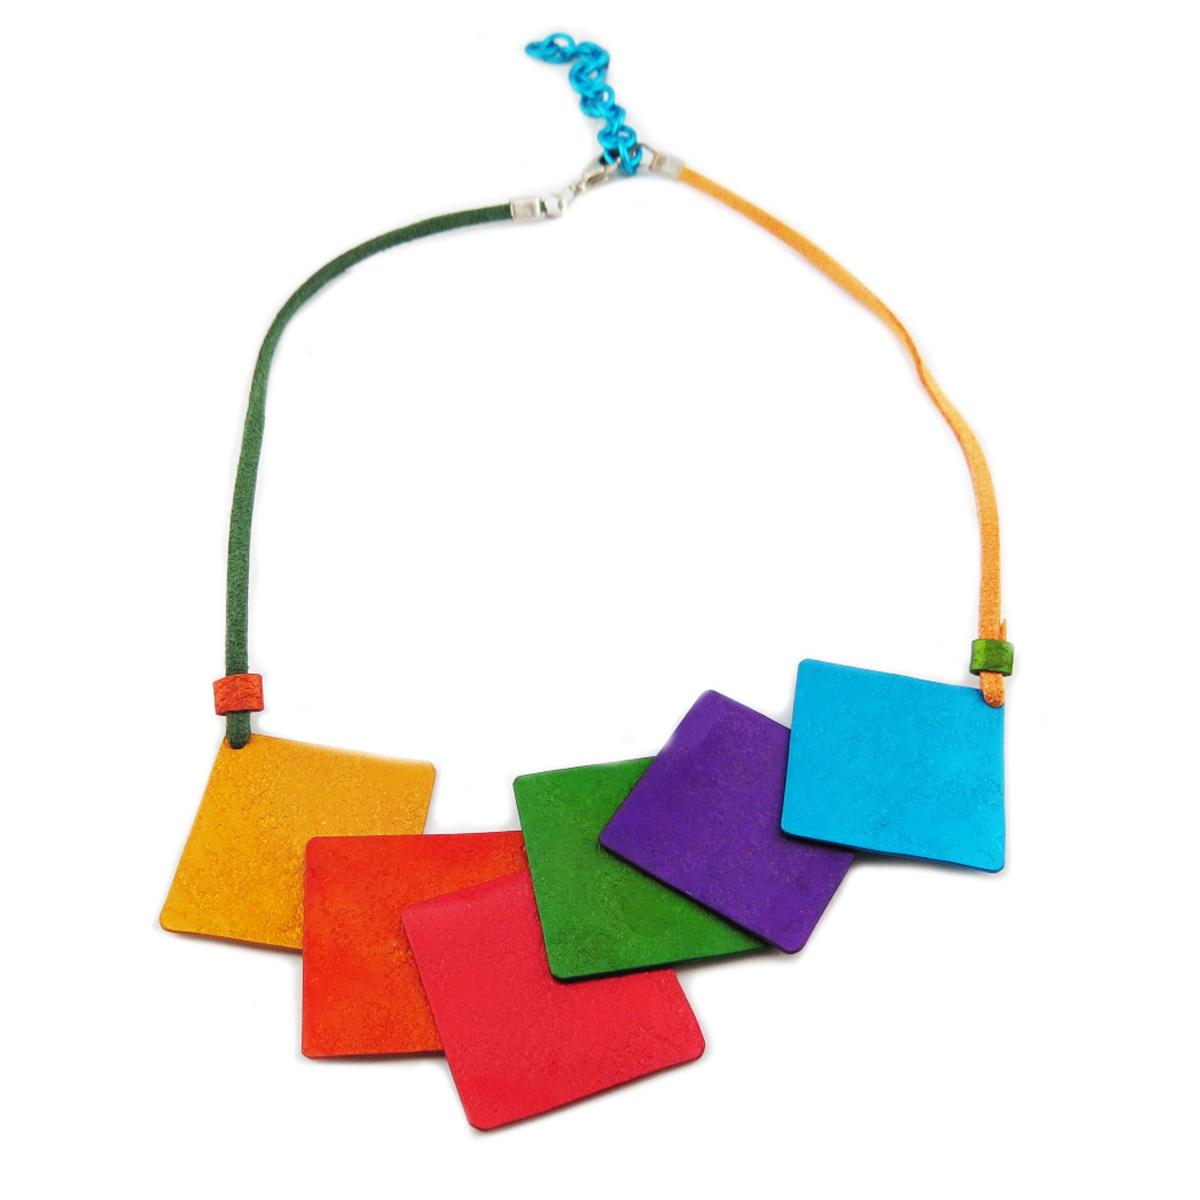 Collier artisanal \'Aluminirock\' multicolore - 115x55 cm - [R1242]